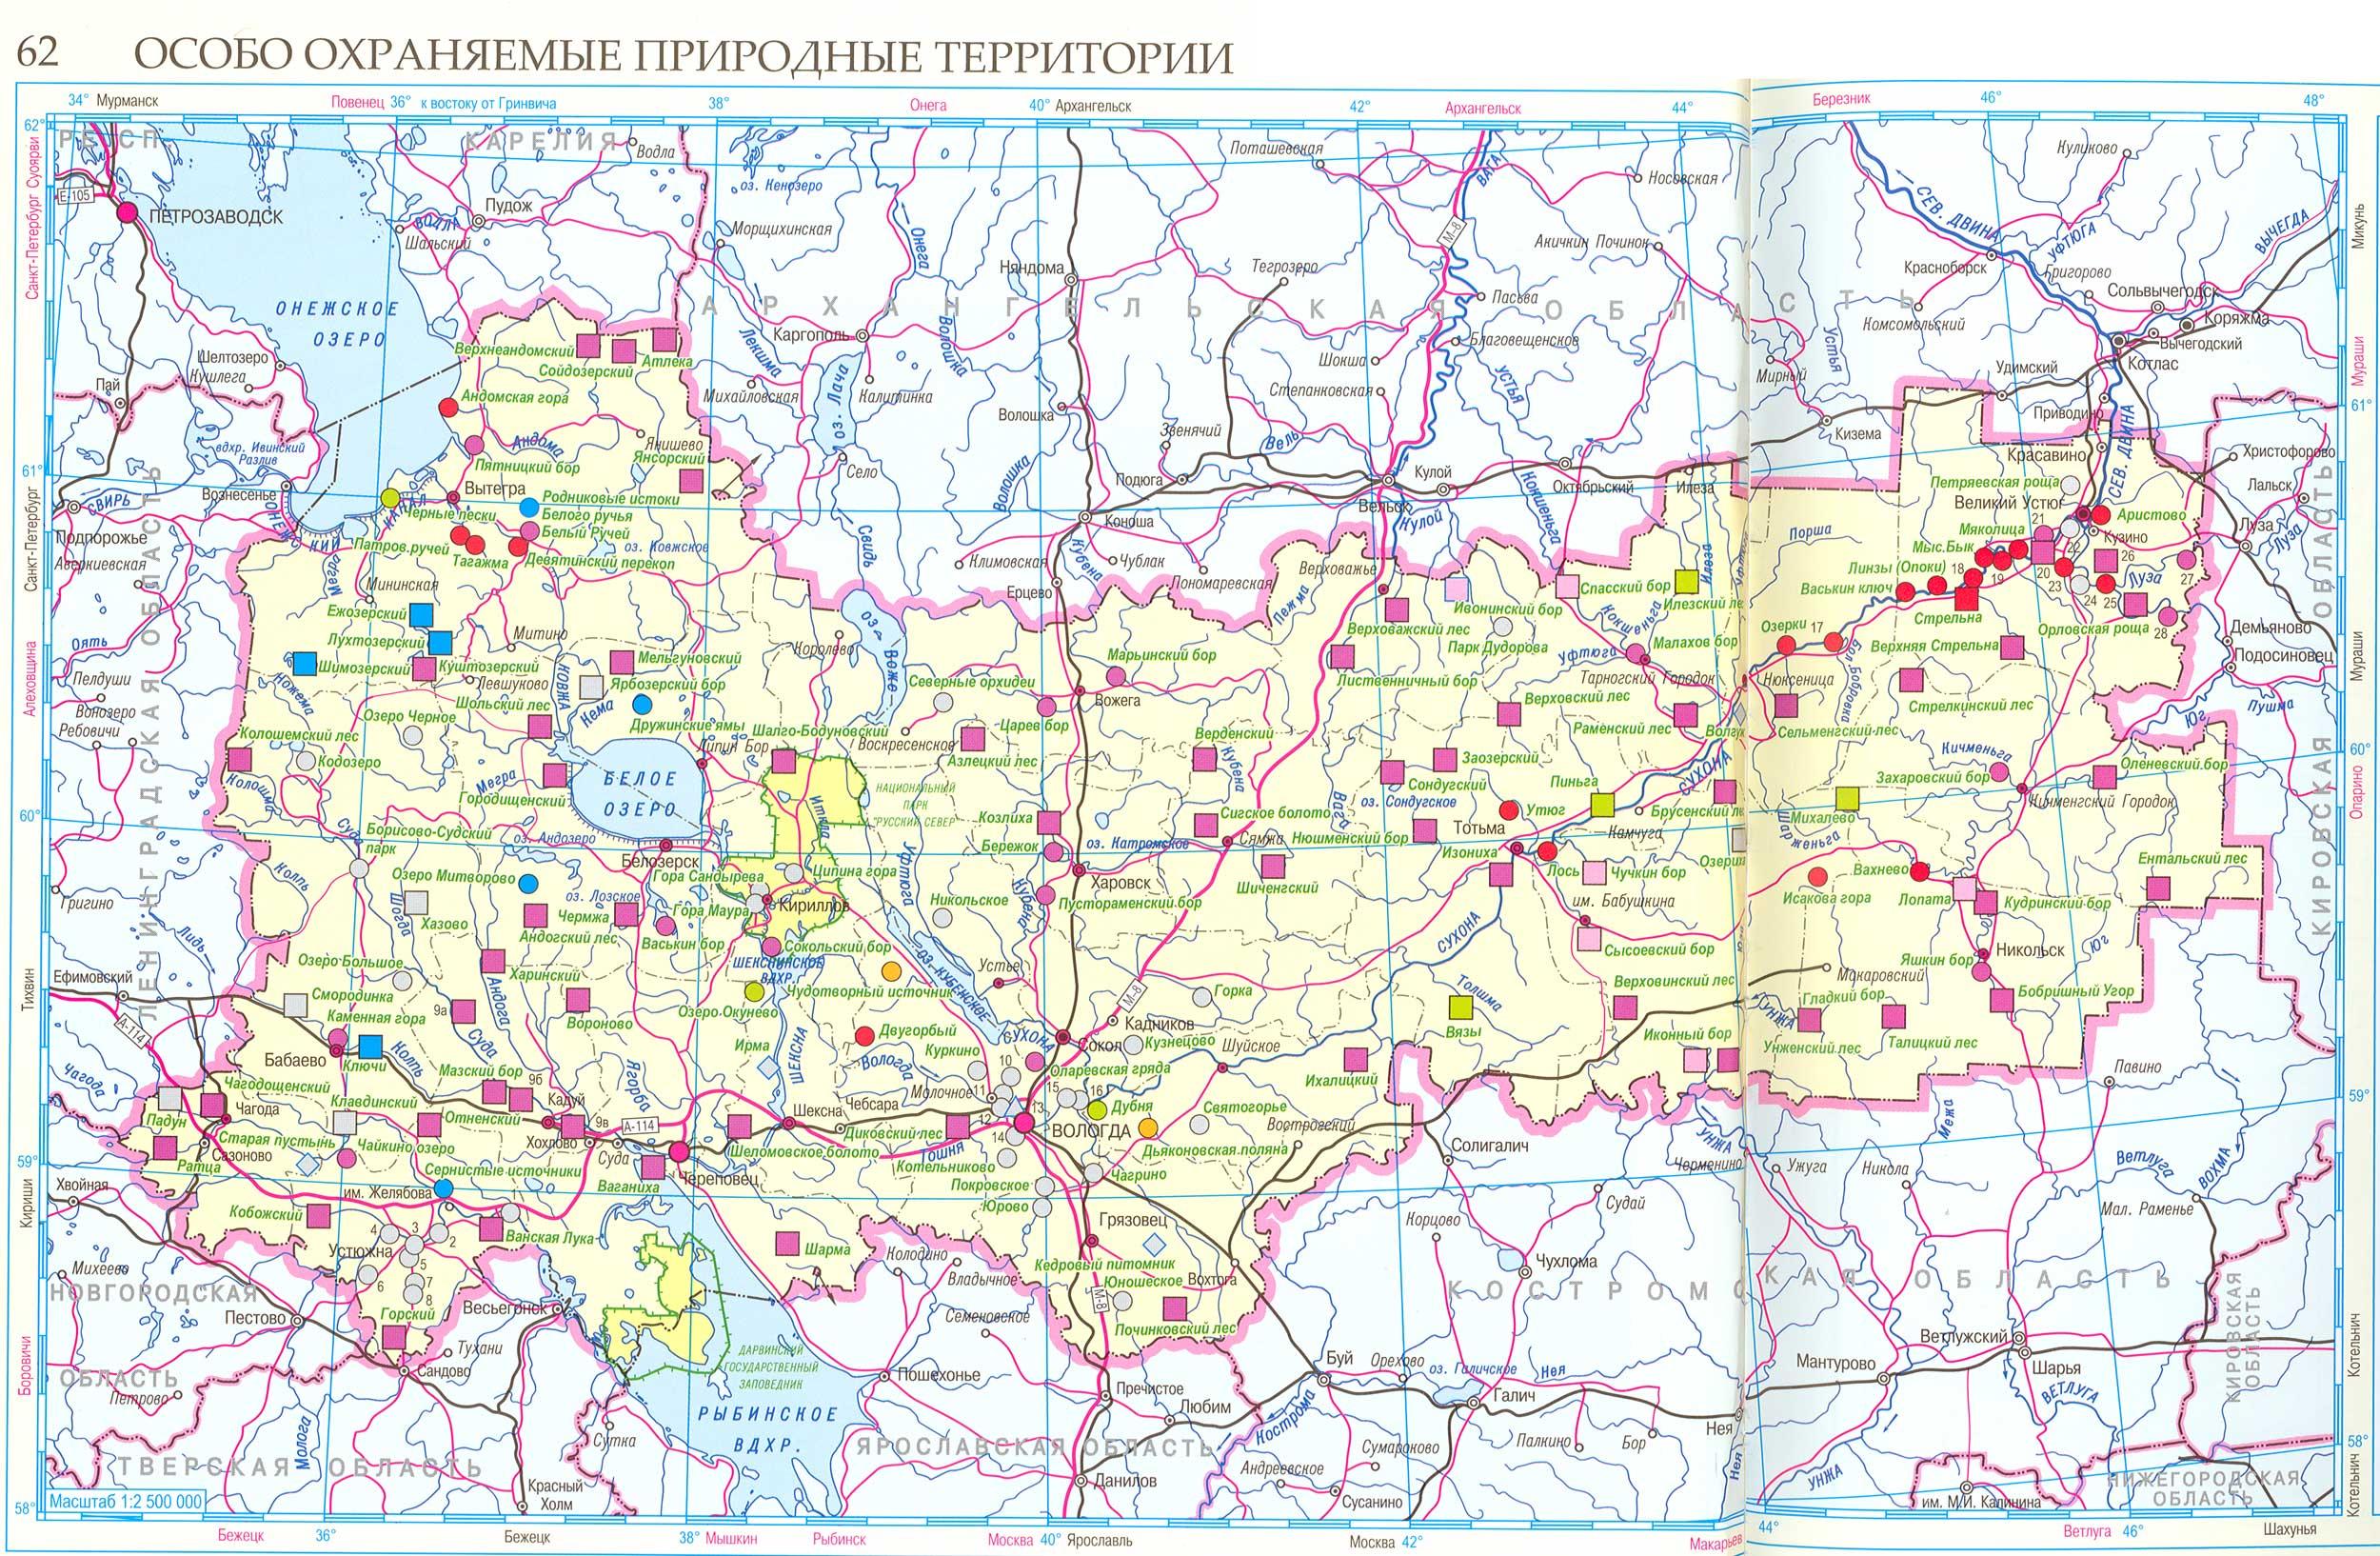 Урочища вологодской области на картах